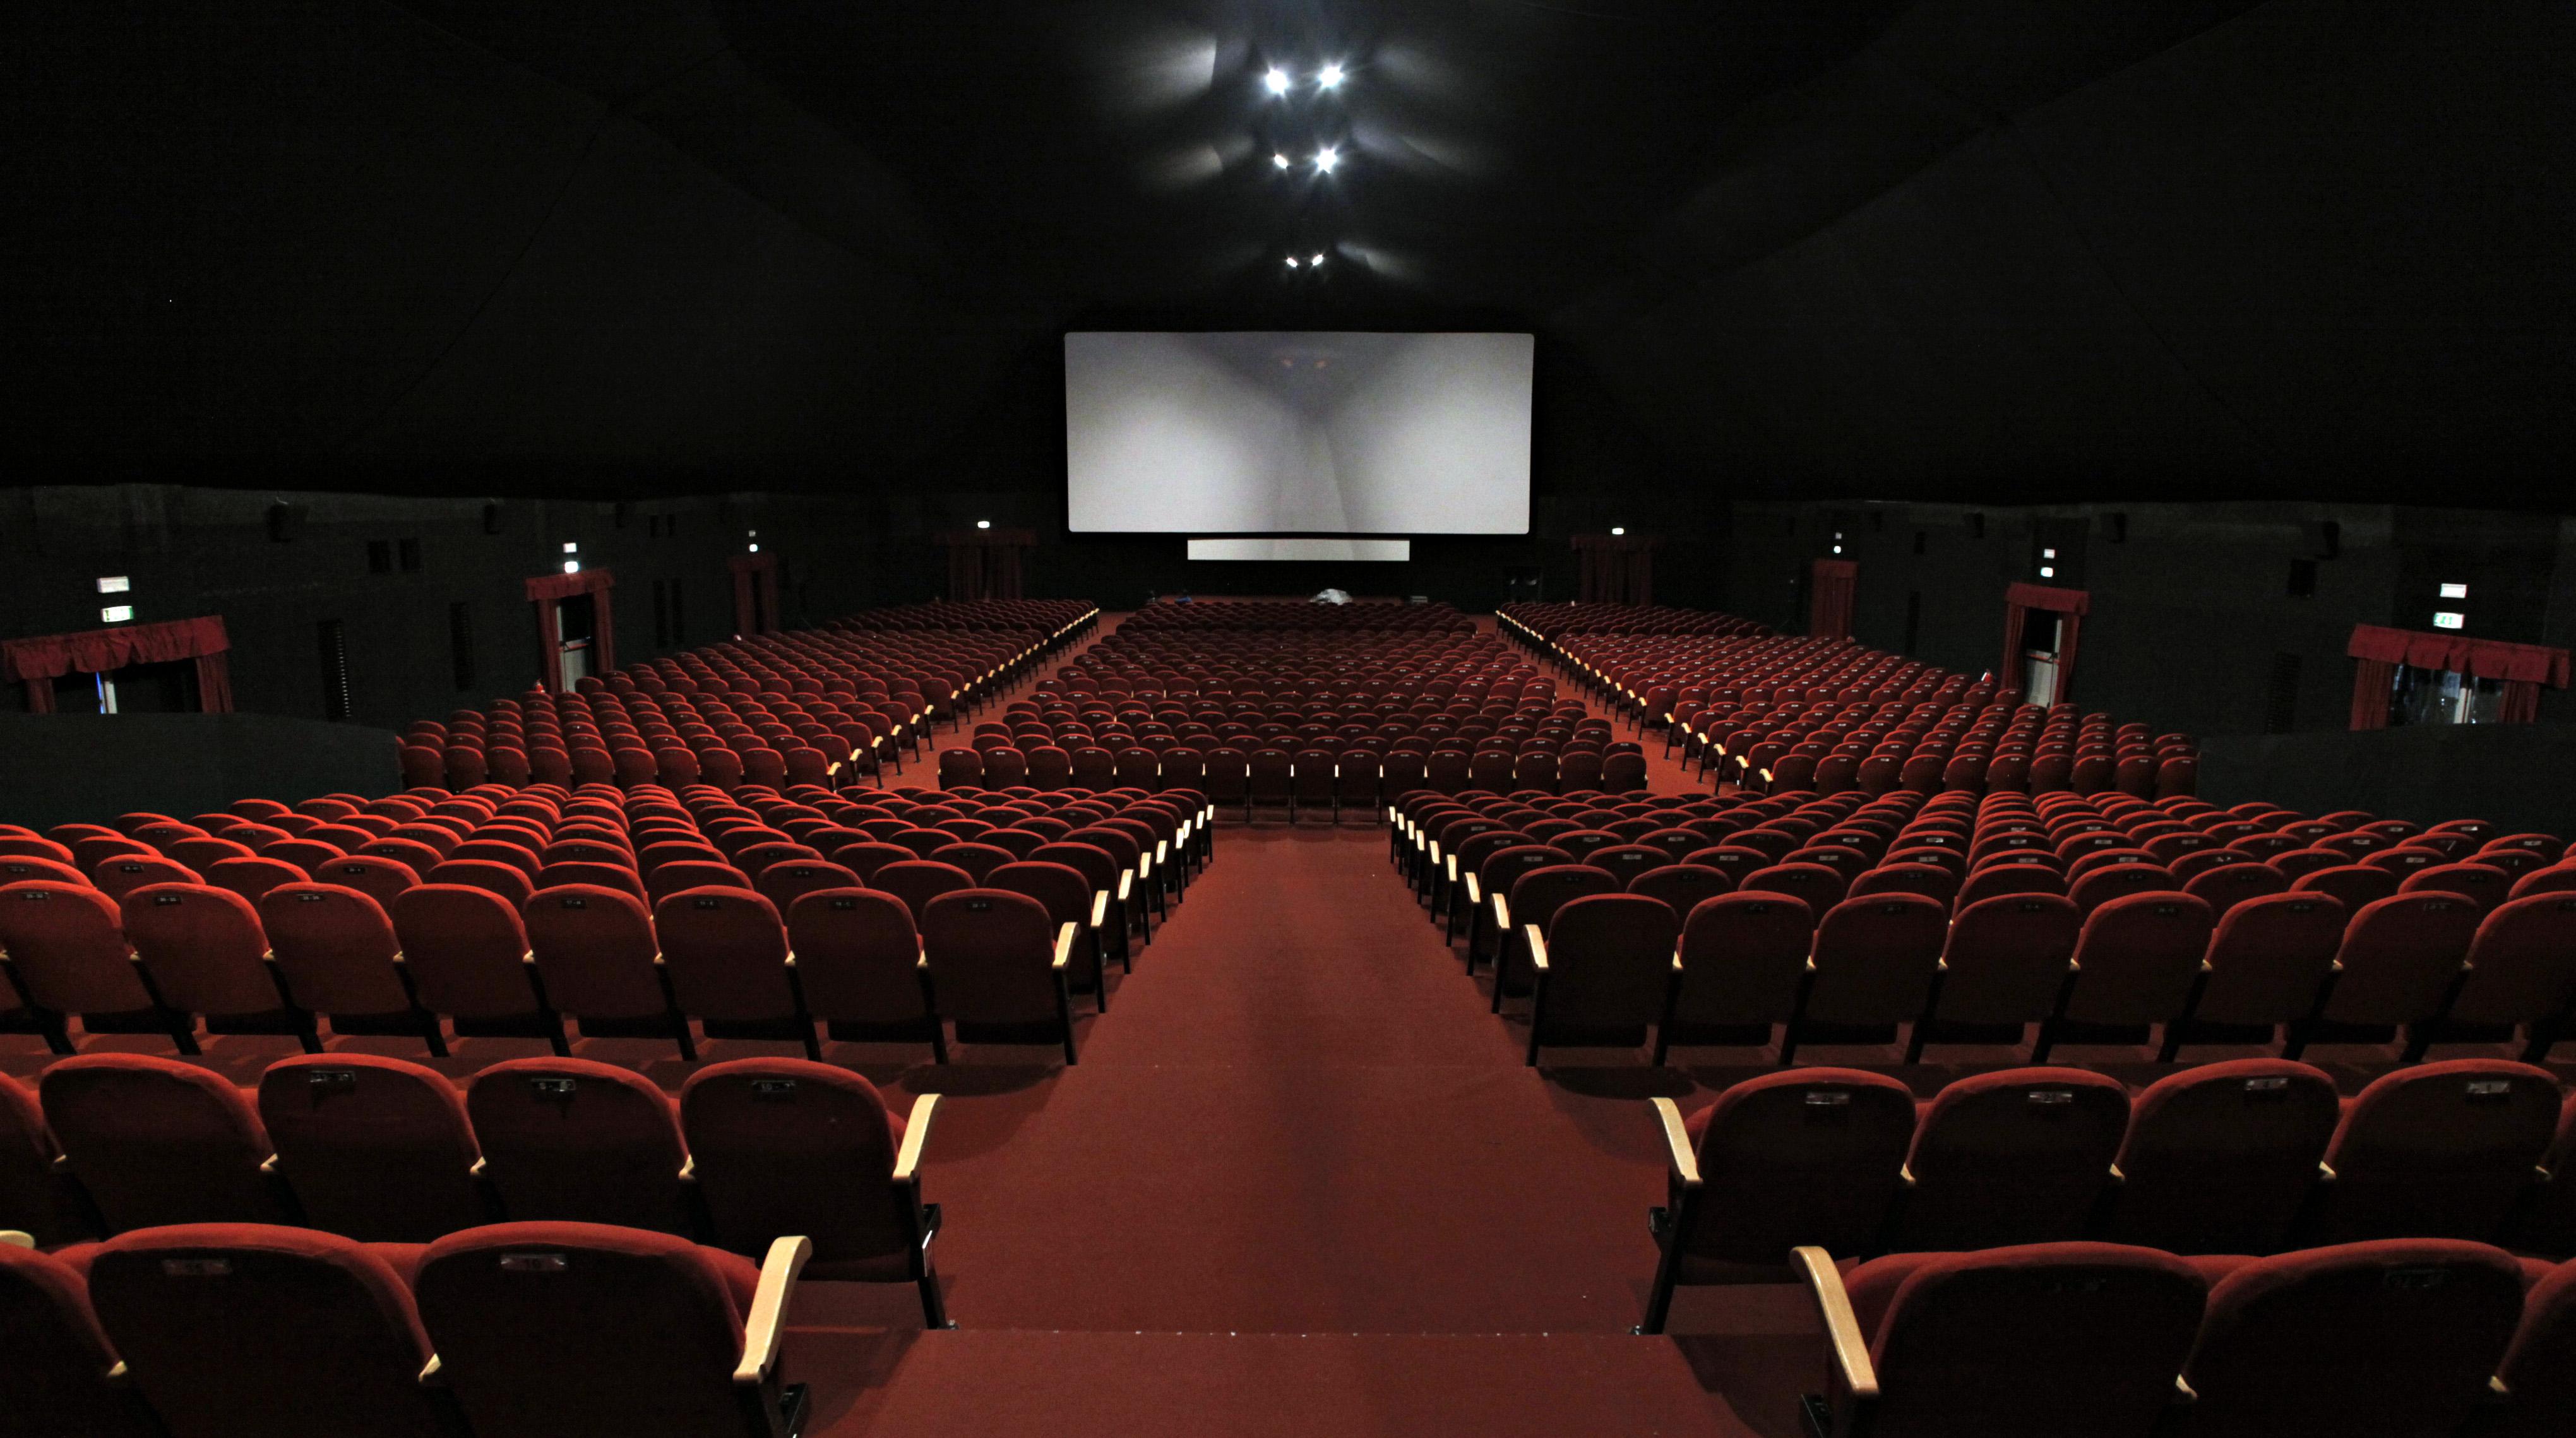 A Minori quest'anno ci si incontra al cinema